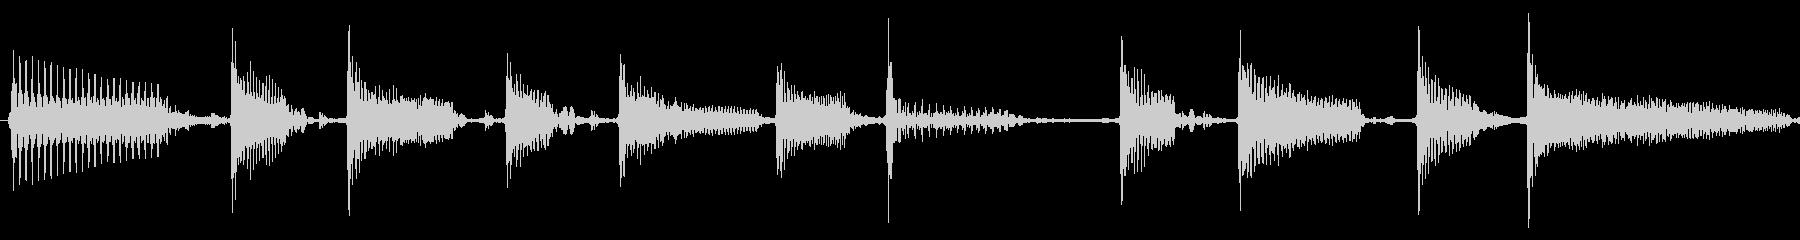 クールなスラップベースソロ素材の未再生の波形